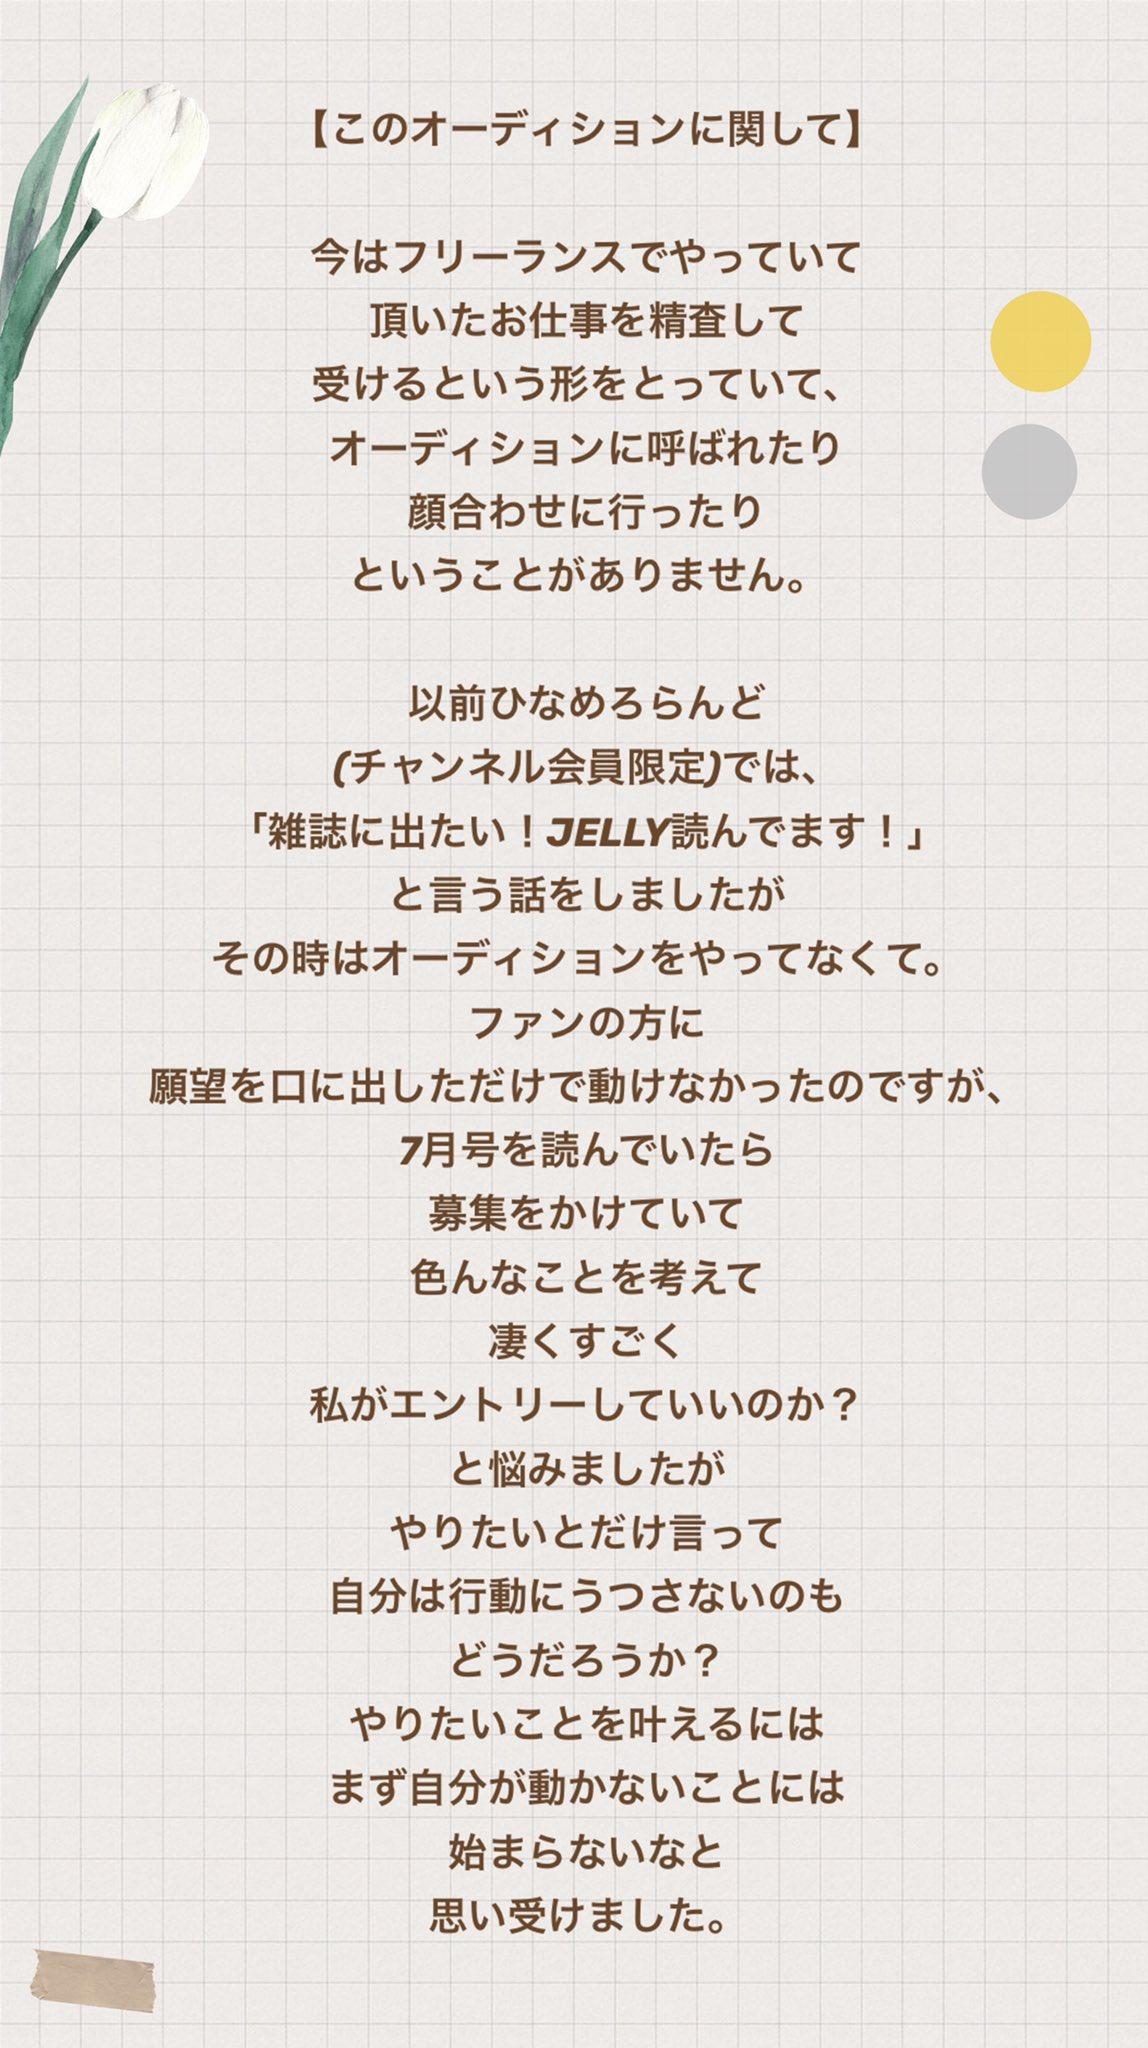 川後陽菜 JELLY専属モデル発掘オーディション3